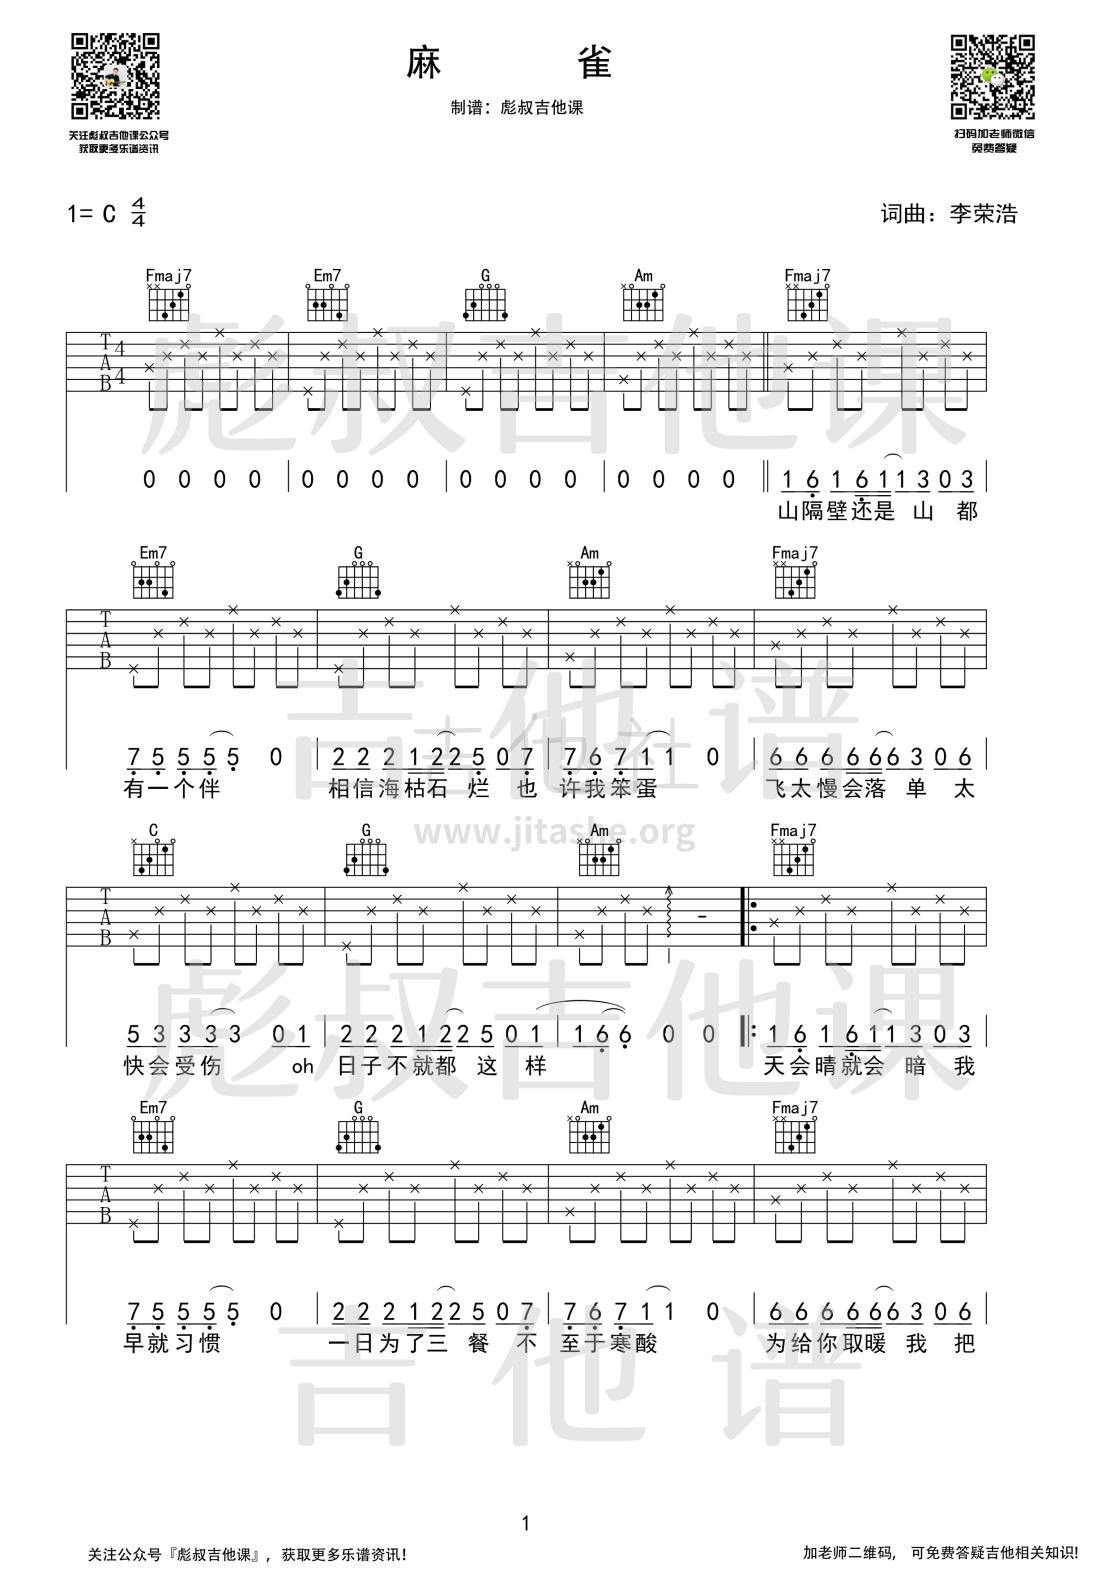 麻雀(彪叔吉他课制谱)吉他谱(图片谱,伴奏,弹唱,简单版)_李荣浩_麻雀 校订_1.png